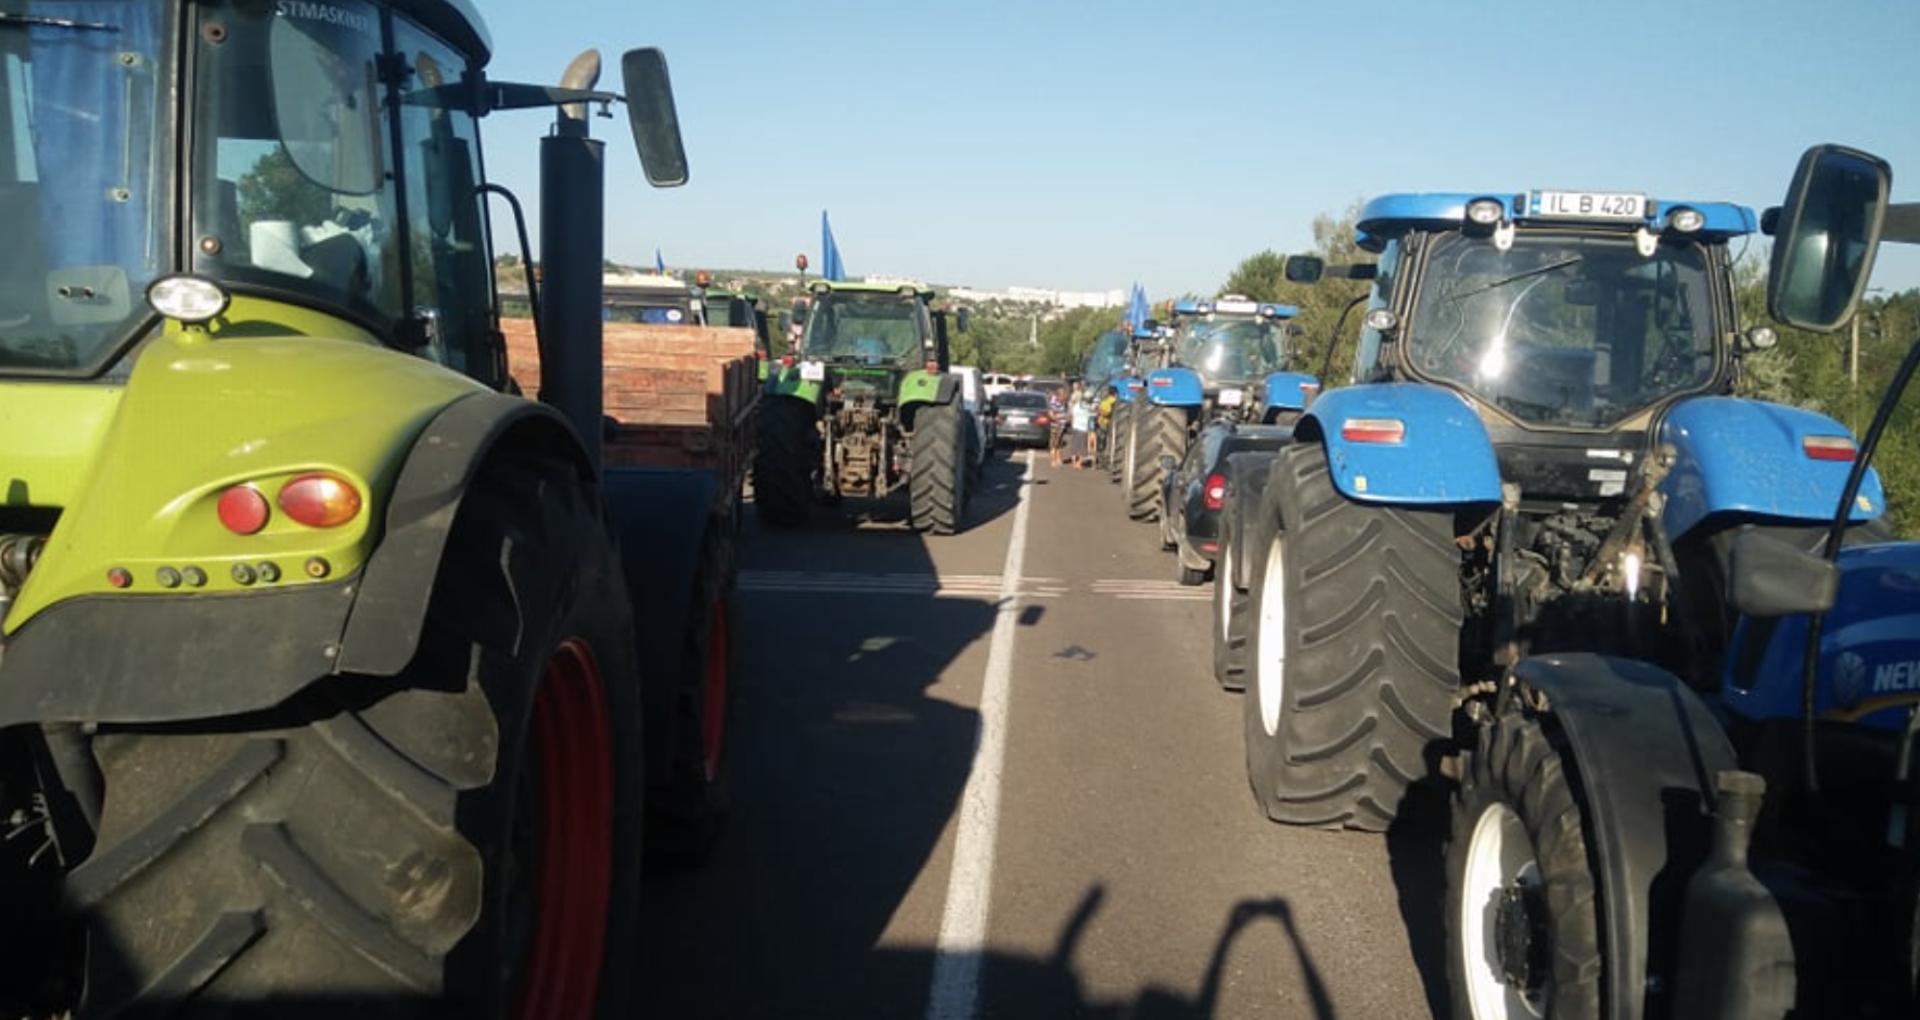 """DOC/ Cabinetul de miniștri a aprobat modificarea Regulamentului privind subvenționarea agricultorilor și alocă încă 100 de mln. de lei. Chicu: """"Guvernul și-a îndeplinit acele promisiuni pe care le-a avut"""""""